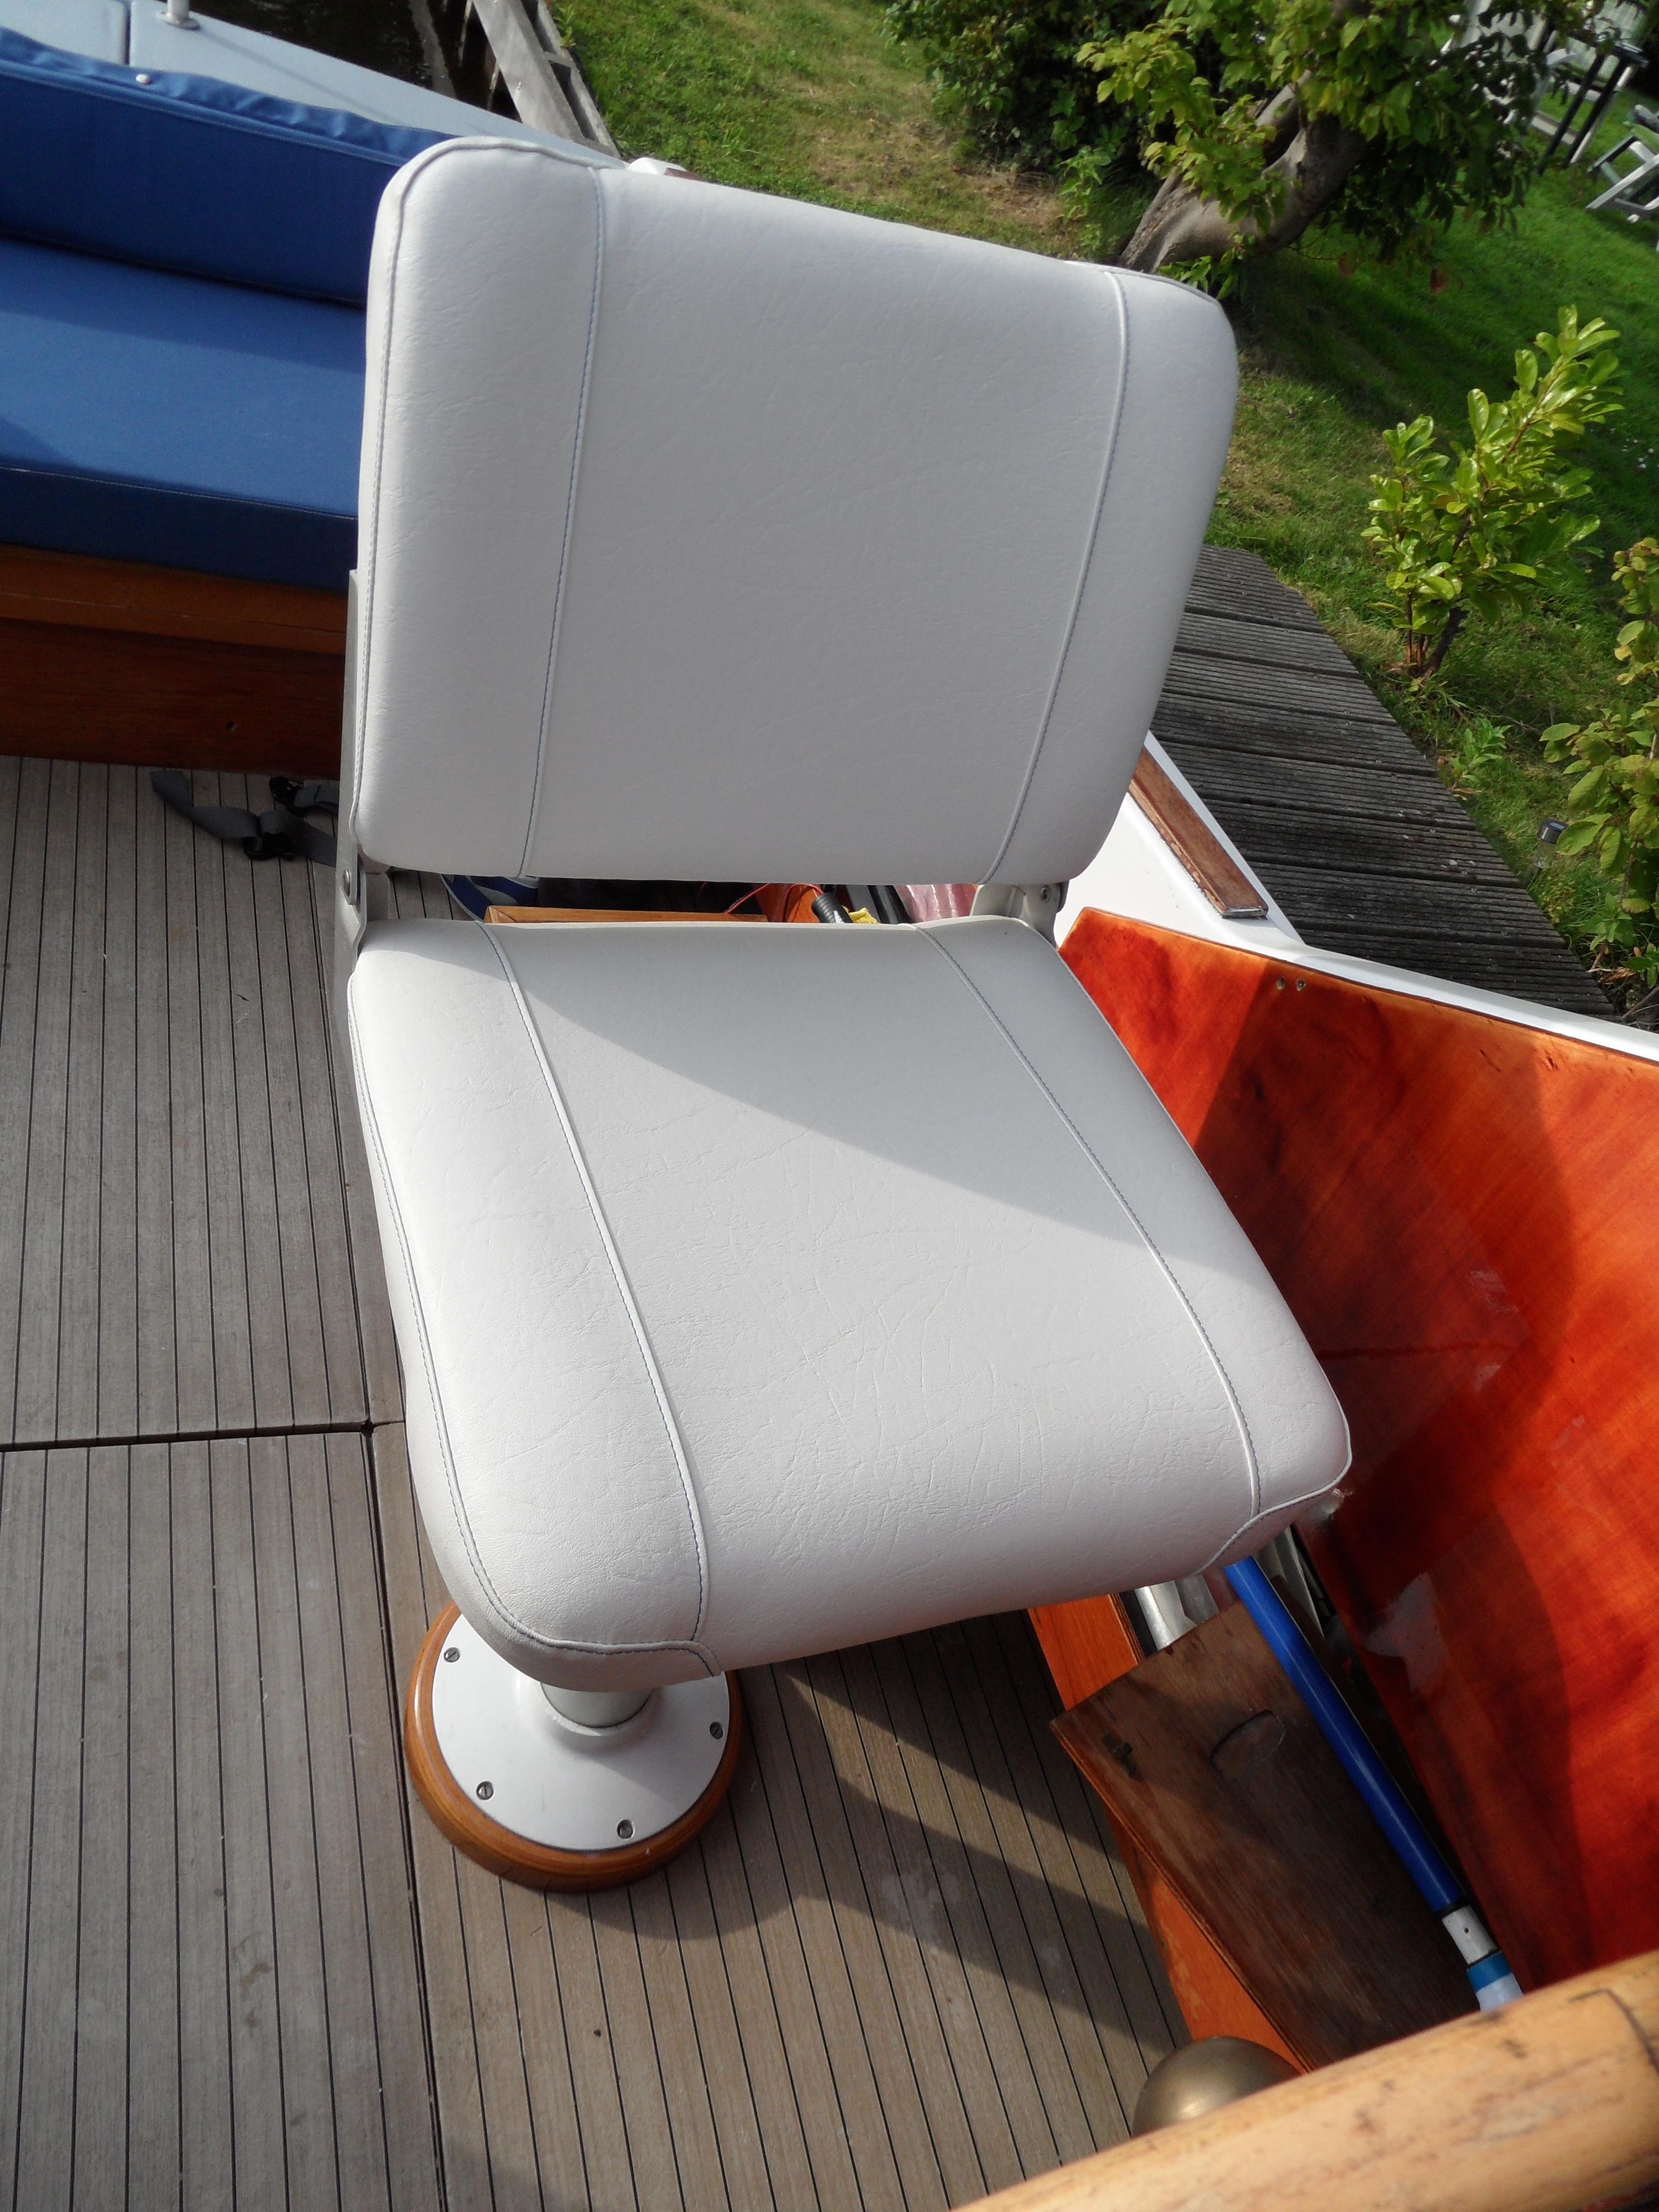 Boot bekleding - stoel van de kapitein